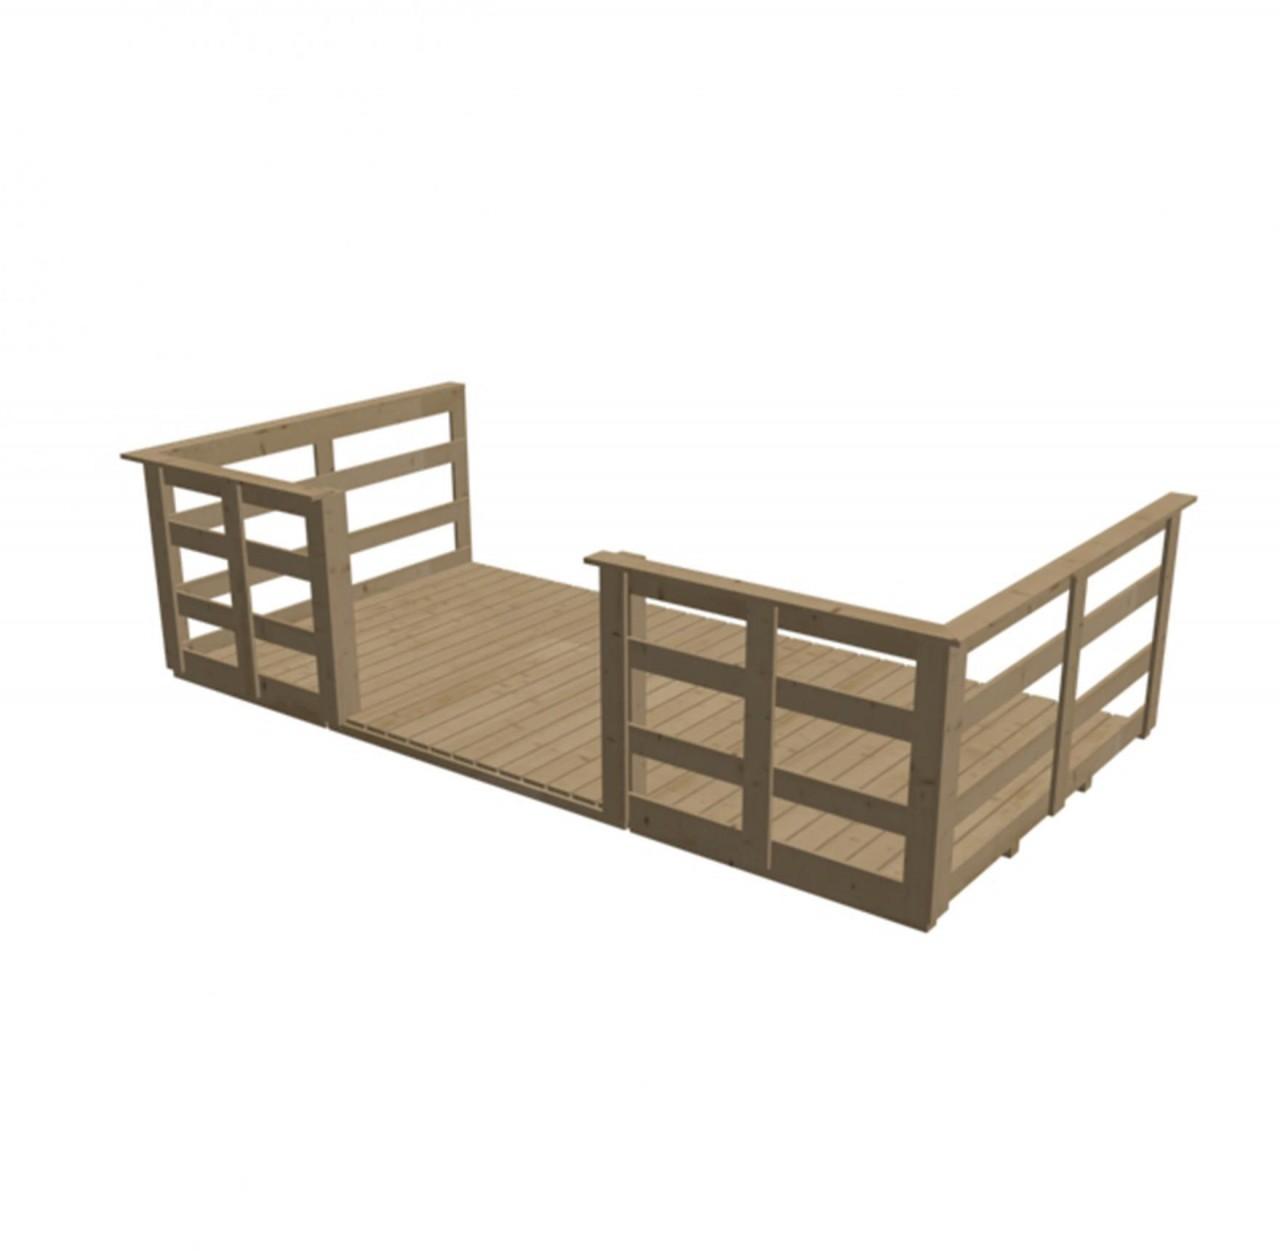 gartenhaus mit terrasse preisvergleich die besten. Black Bedroom Furniture Sets. Home Design Ideas